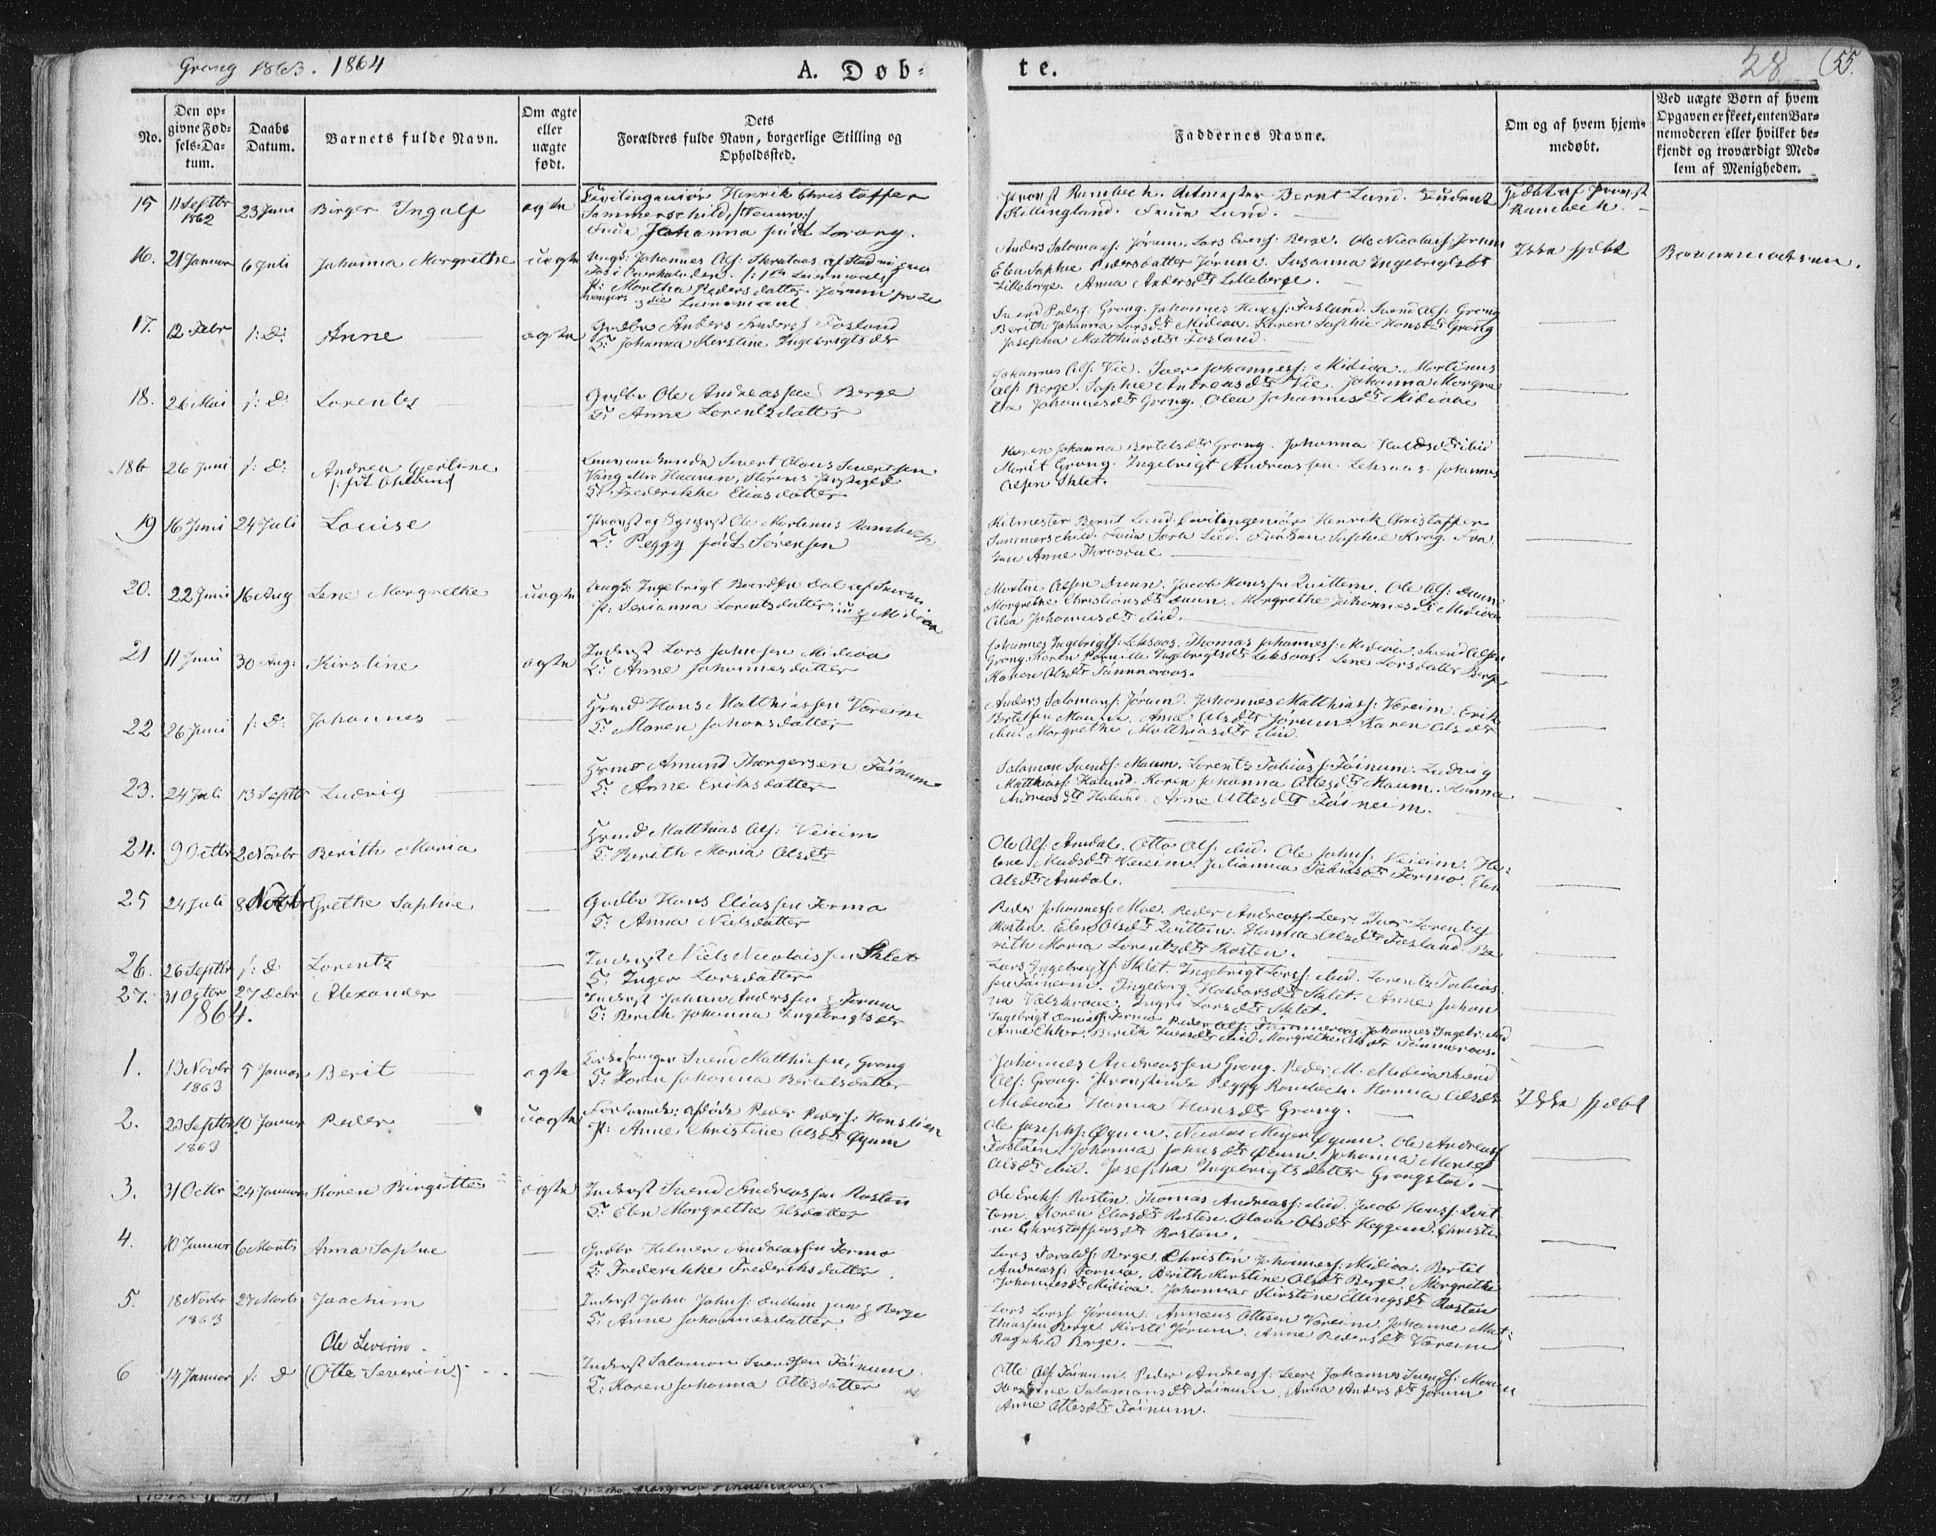 SAT, Ministerialprotokoller, klokkerbøker og fødselsregistre - Nord-Trøndelag, 758/L0513: Ministerialbok nr. 758A02 /1, 1839-1868, s. 28